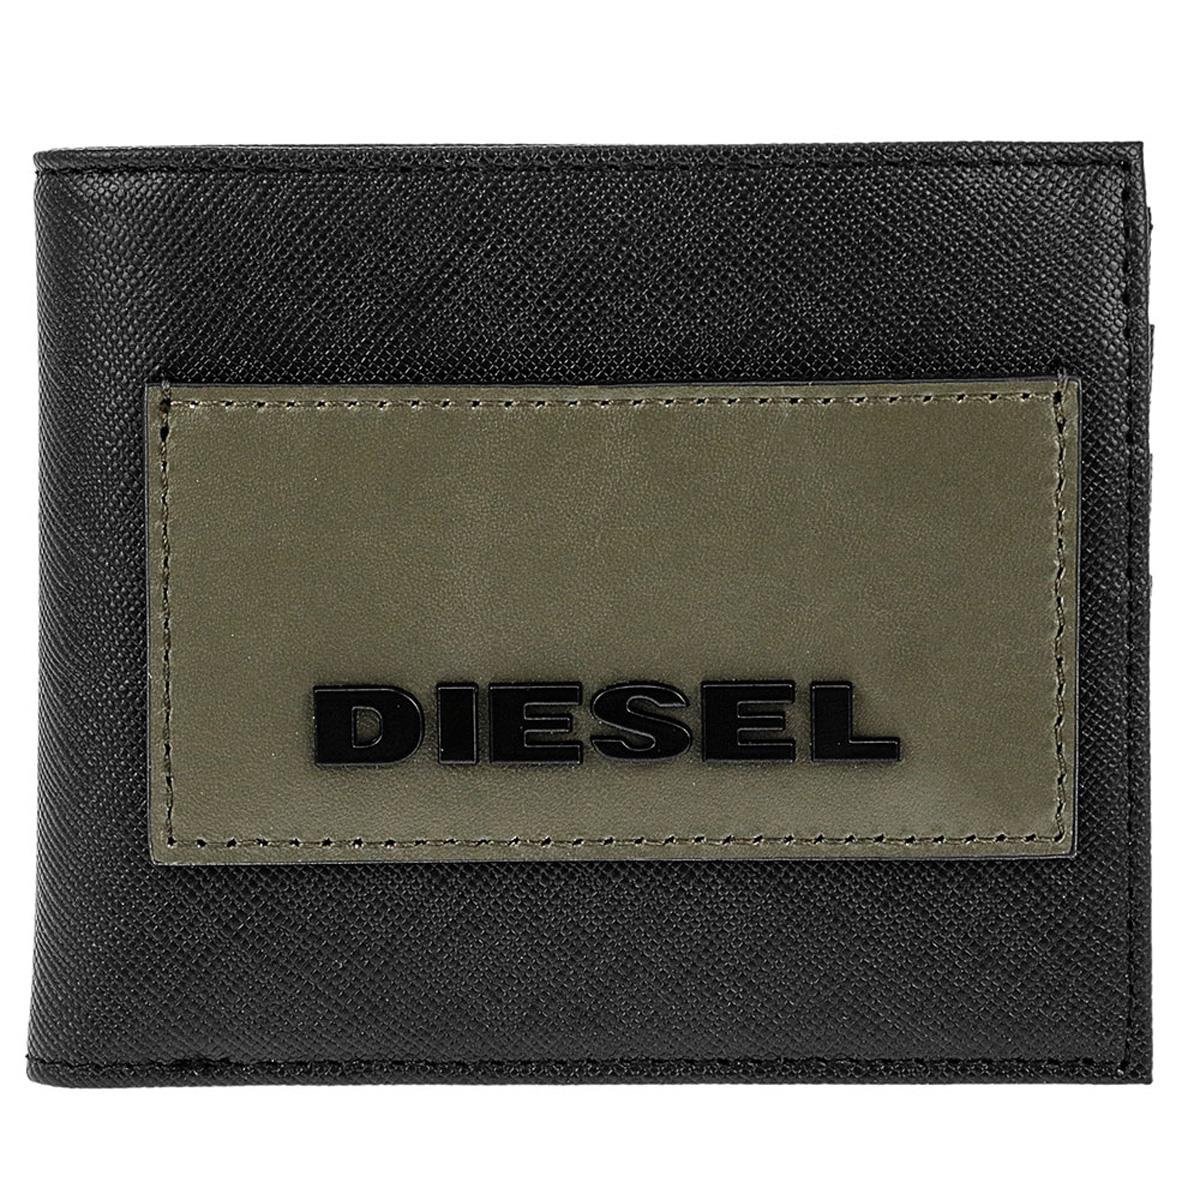 ディーゼル DIESEL 財布 X06309 P0517 T8013 HIRESH S 小銭入れ付き 二つ折り財布 BLACK ブラック+カーキグリーン系